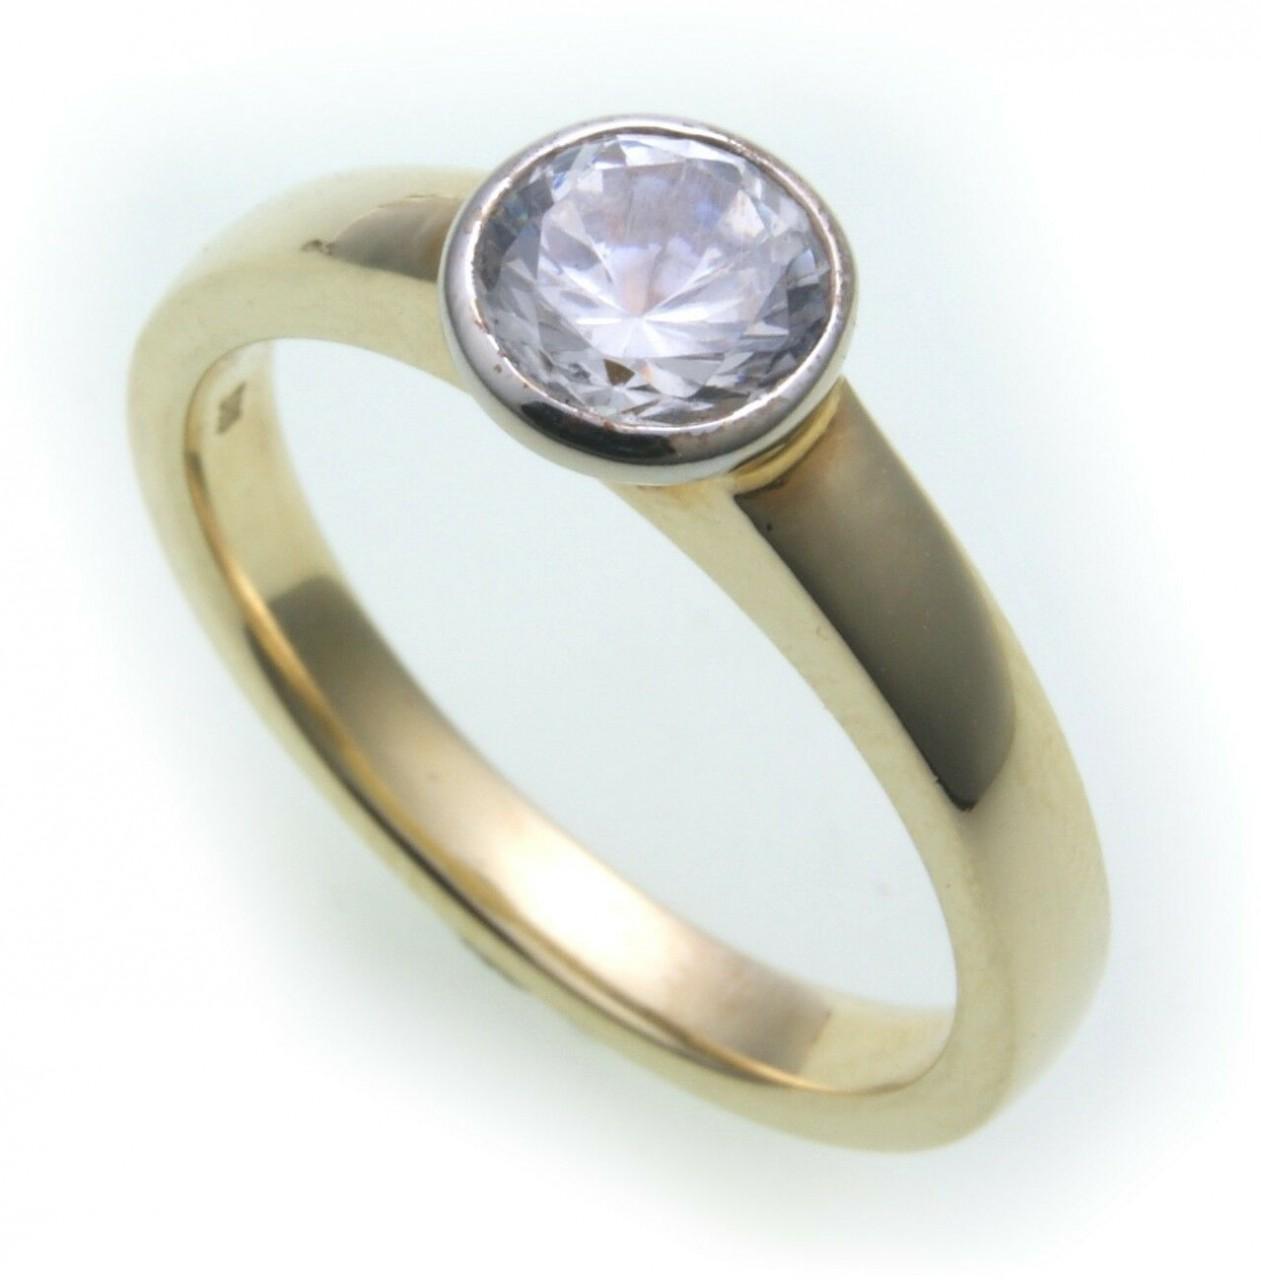 Damen Ring Brillant 1,00 c SI Diamant echt Gold 750 18k 1,0 ct Solitär Gelbgold